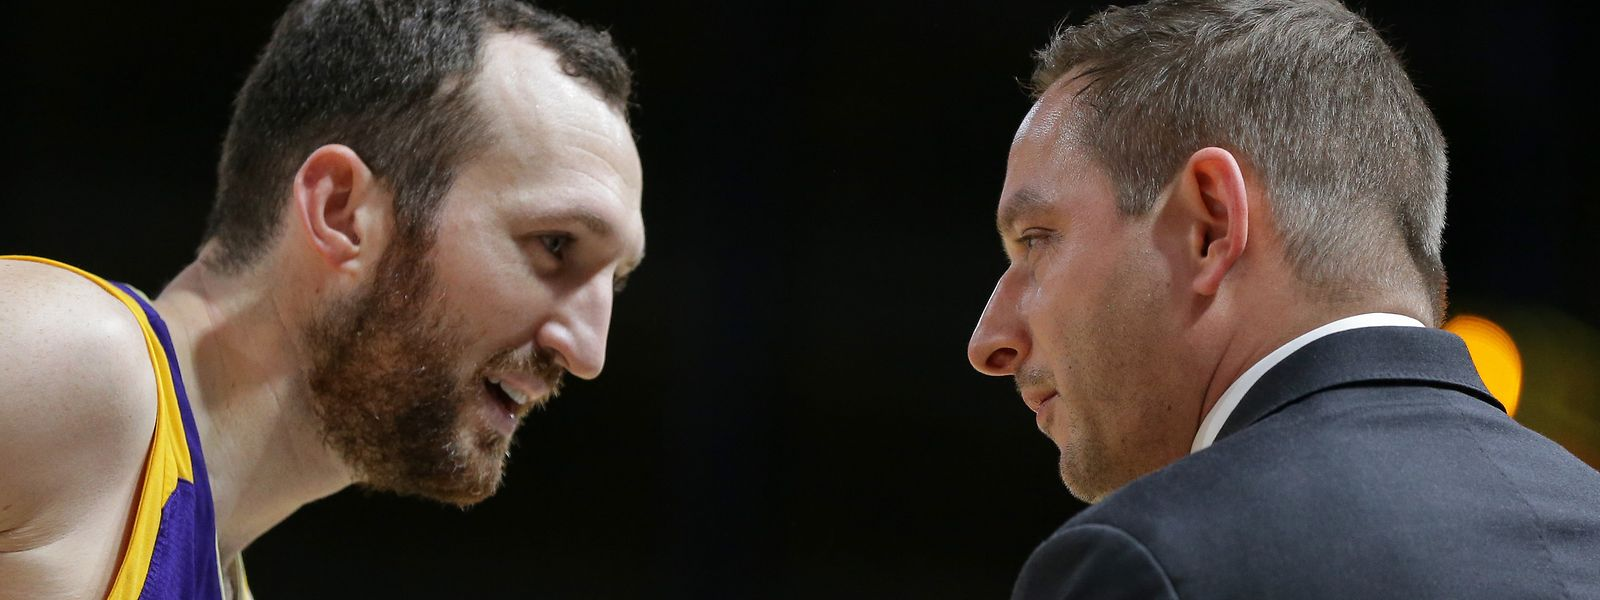 Sparta-Trainer Kevin Magdowksi (r.) und Pitt Koster haben ein gutes Verhältnis.